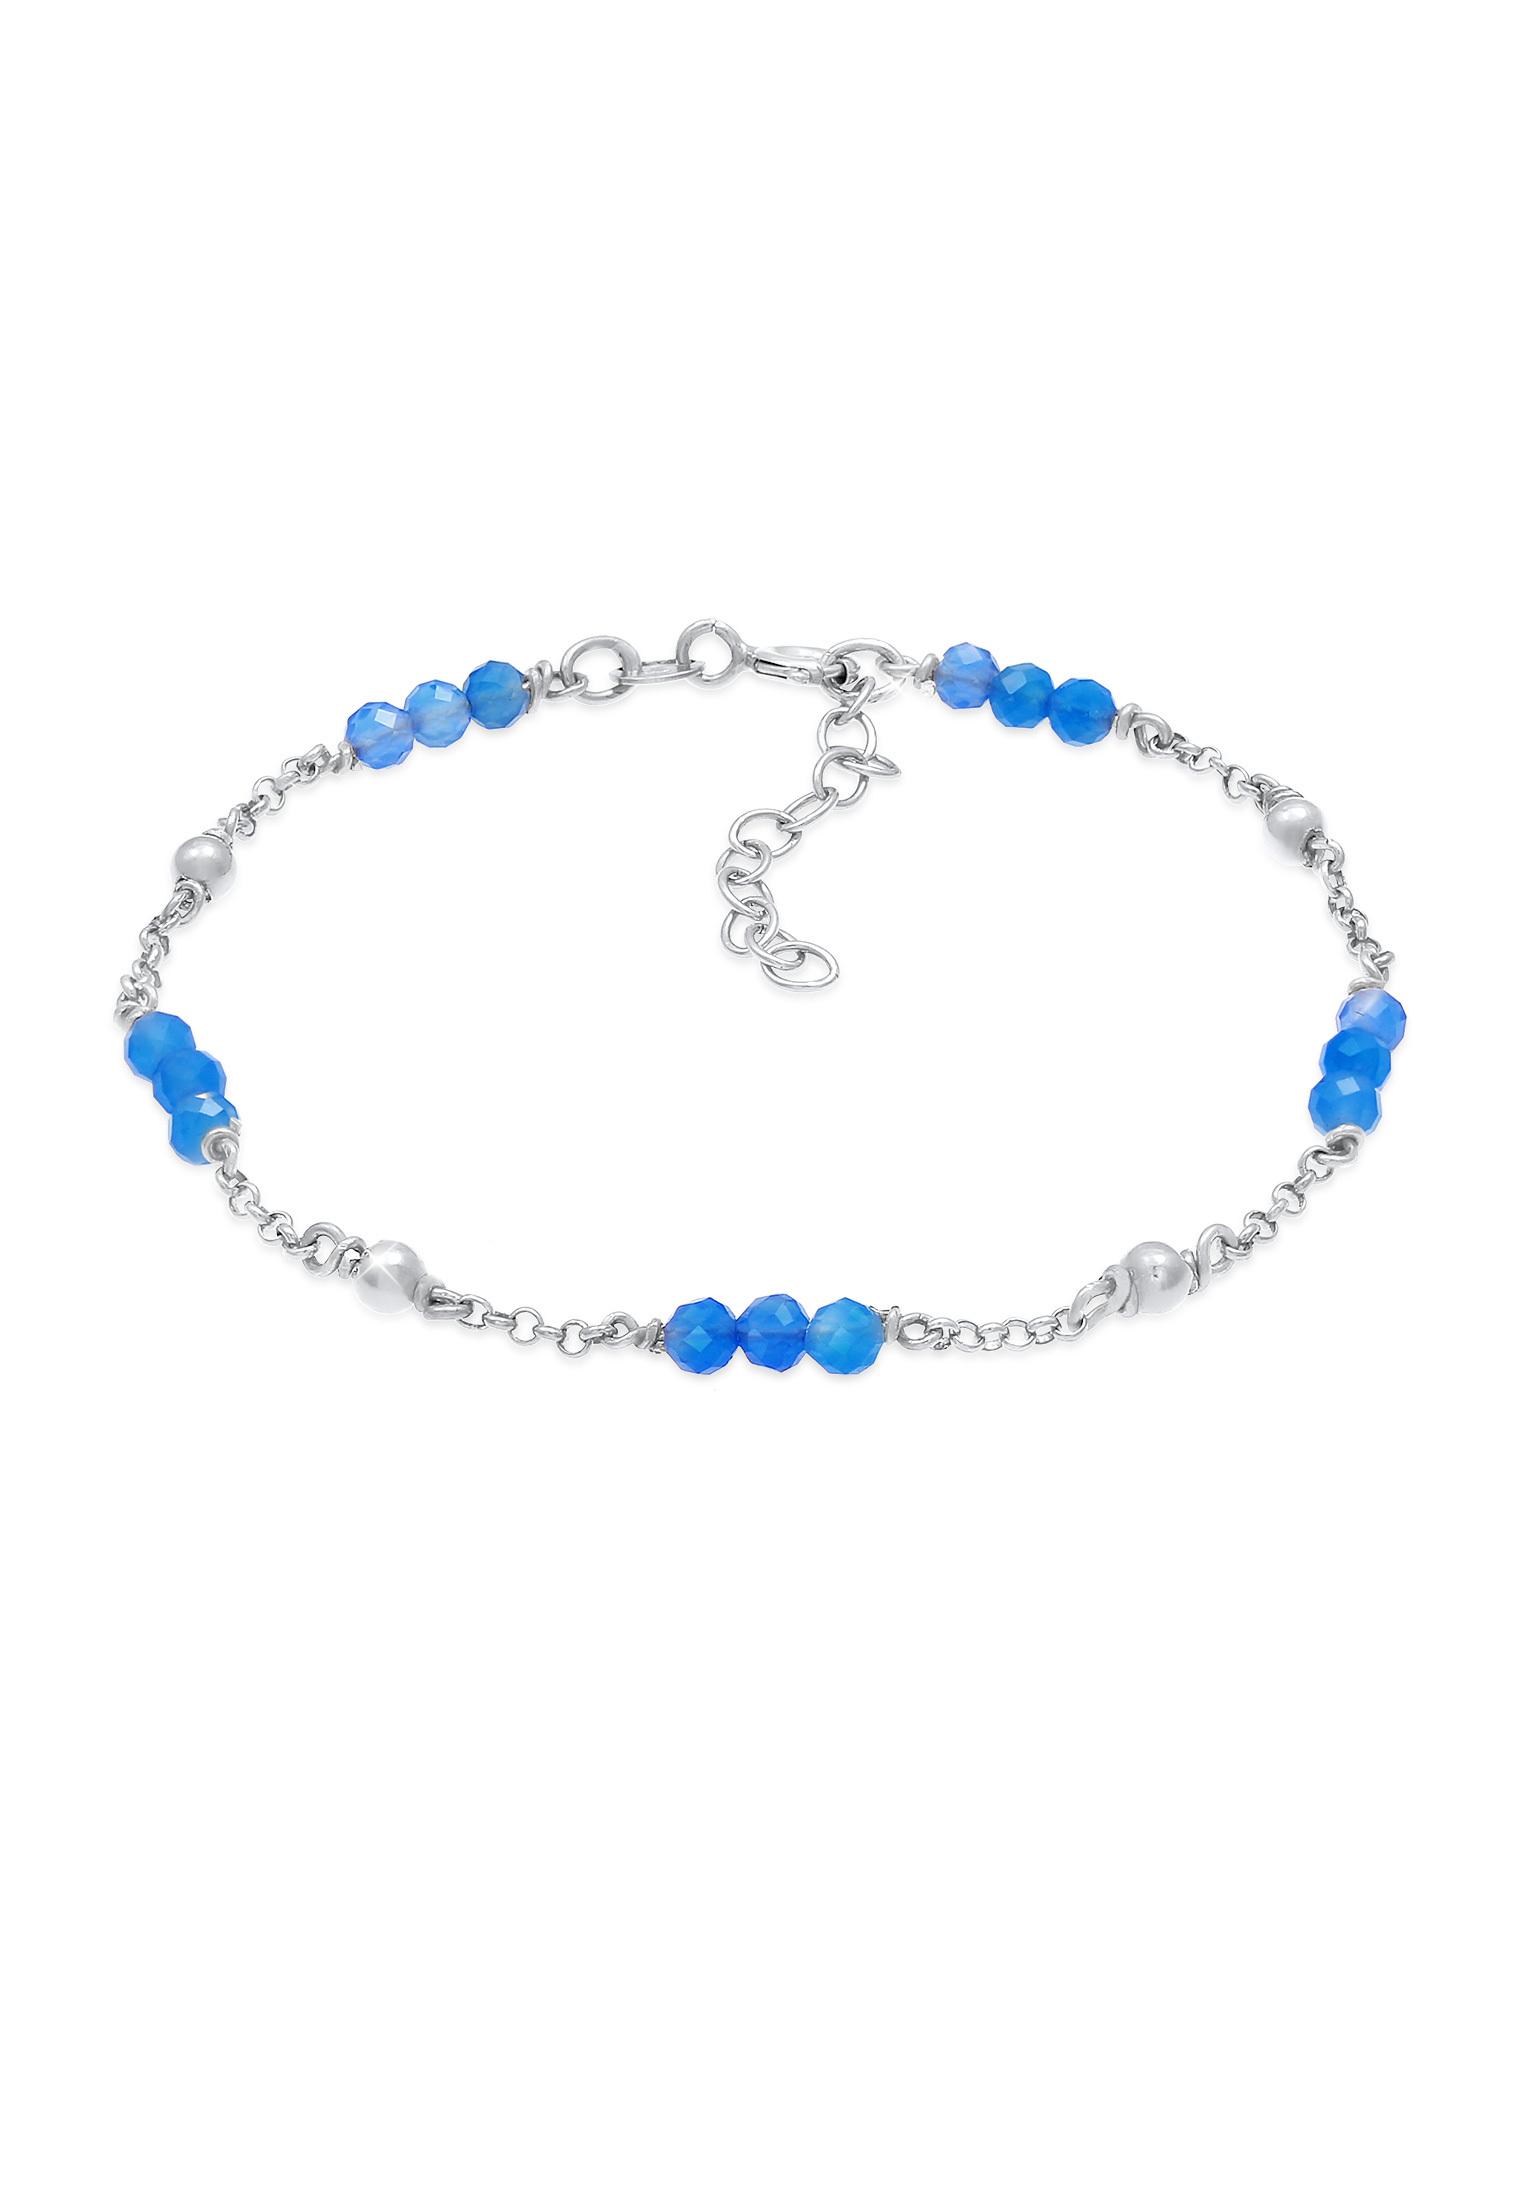 Armband Kugel | Achat ( Blau ) | 925er Sterling Silber